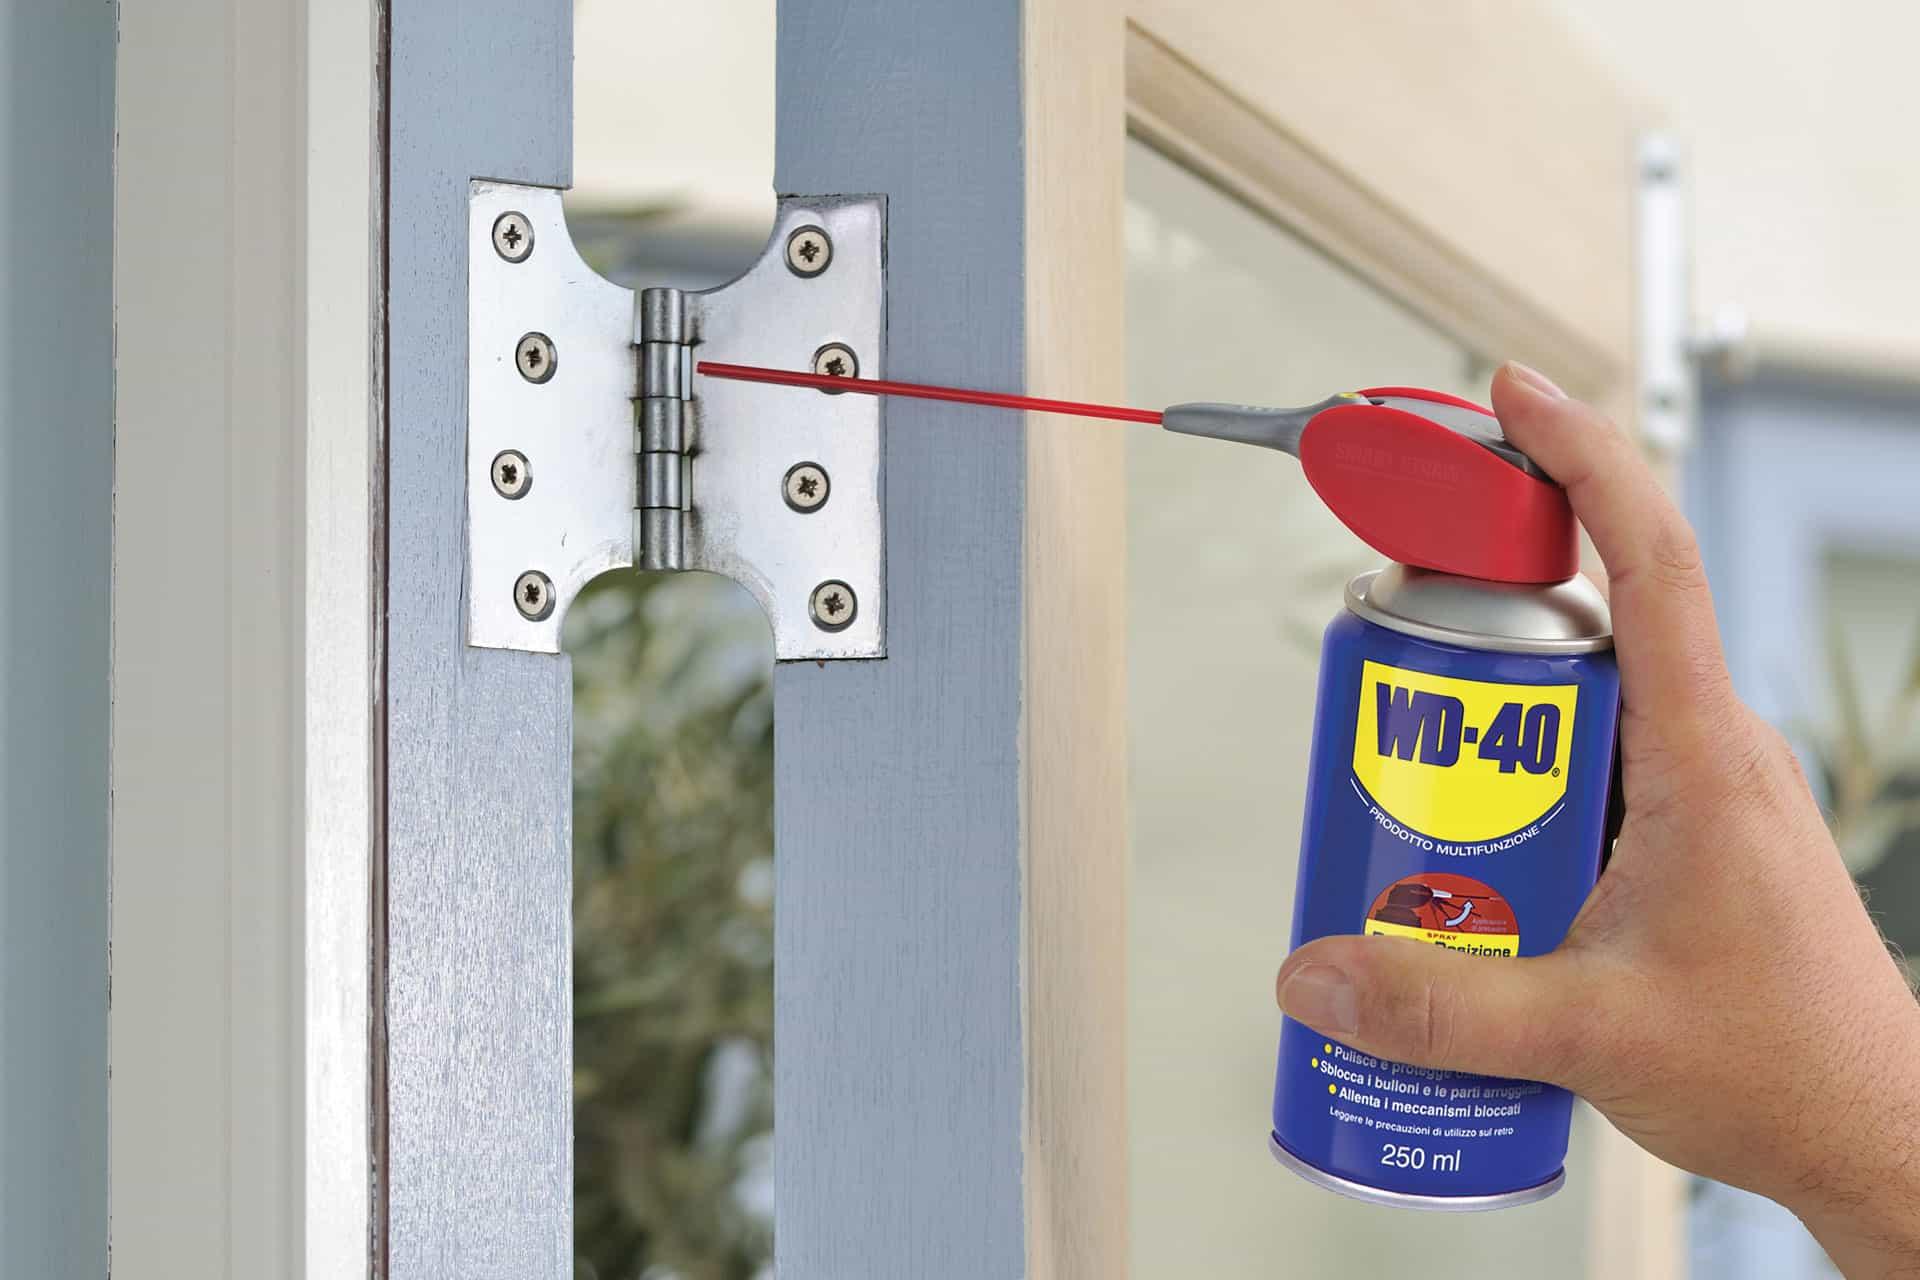 deurscharnier wd40